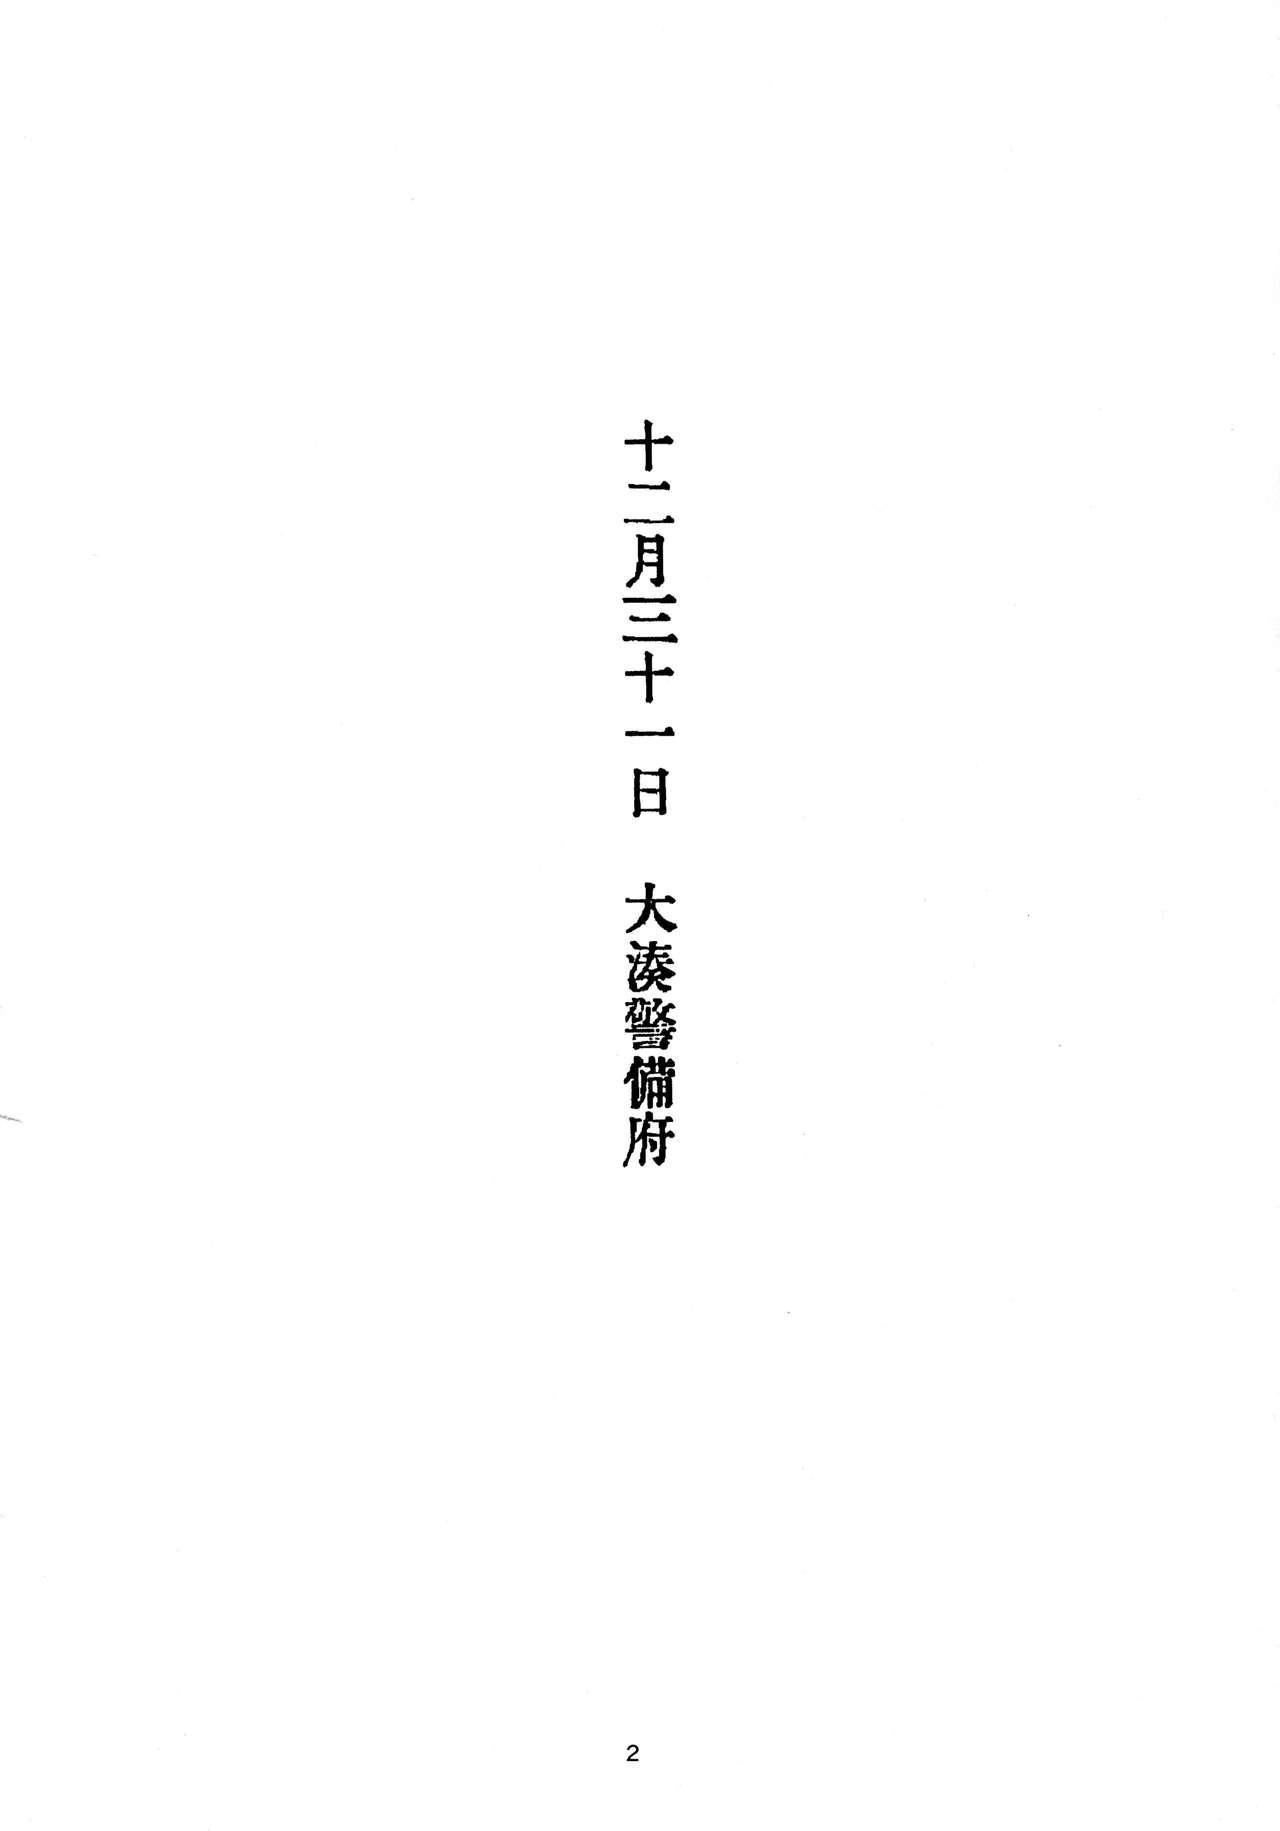 Emoi Hazu 2